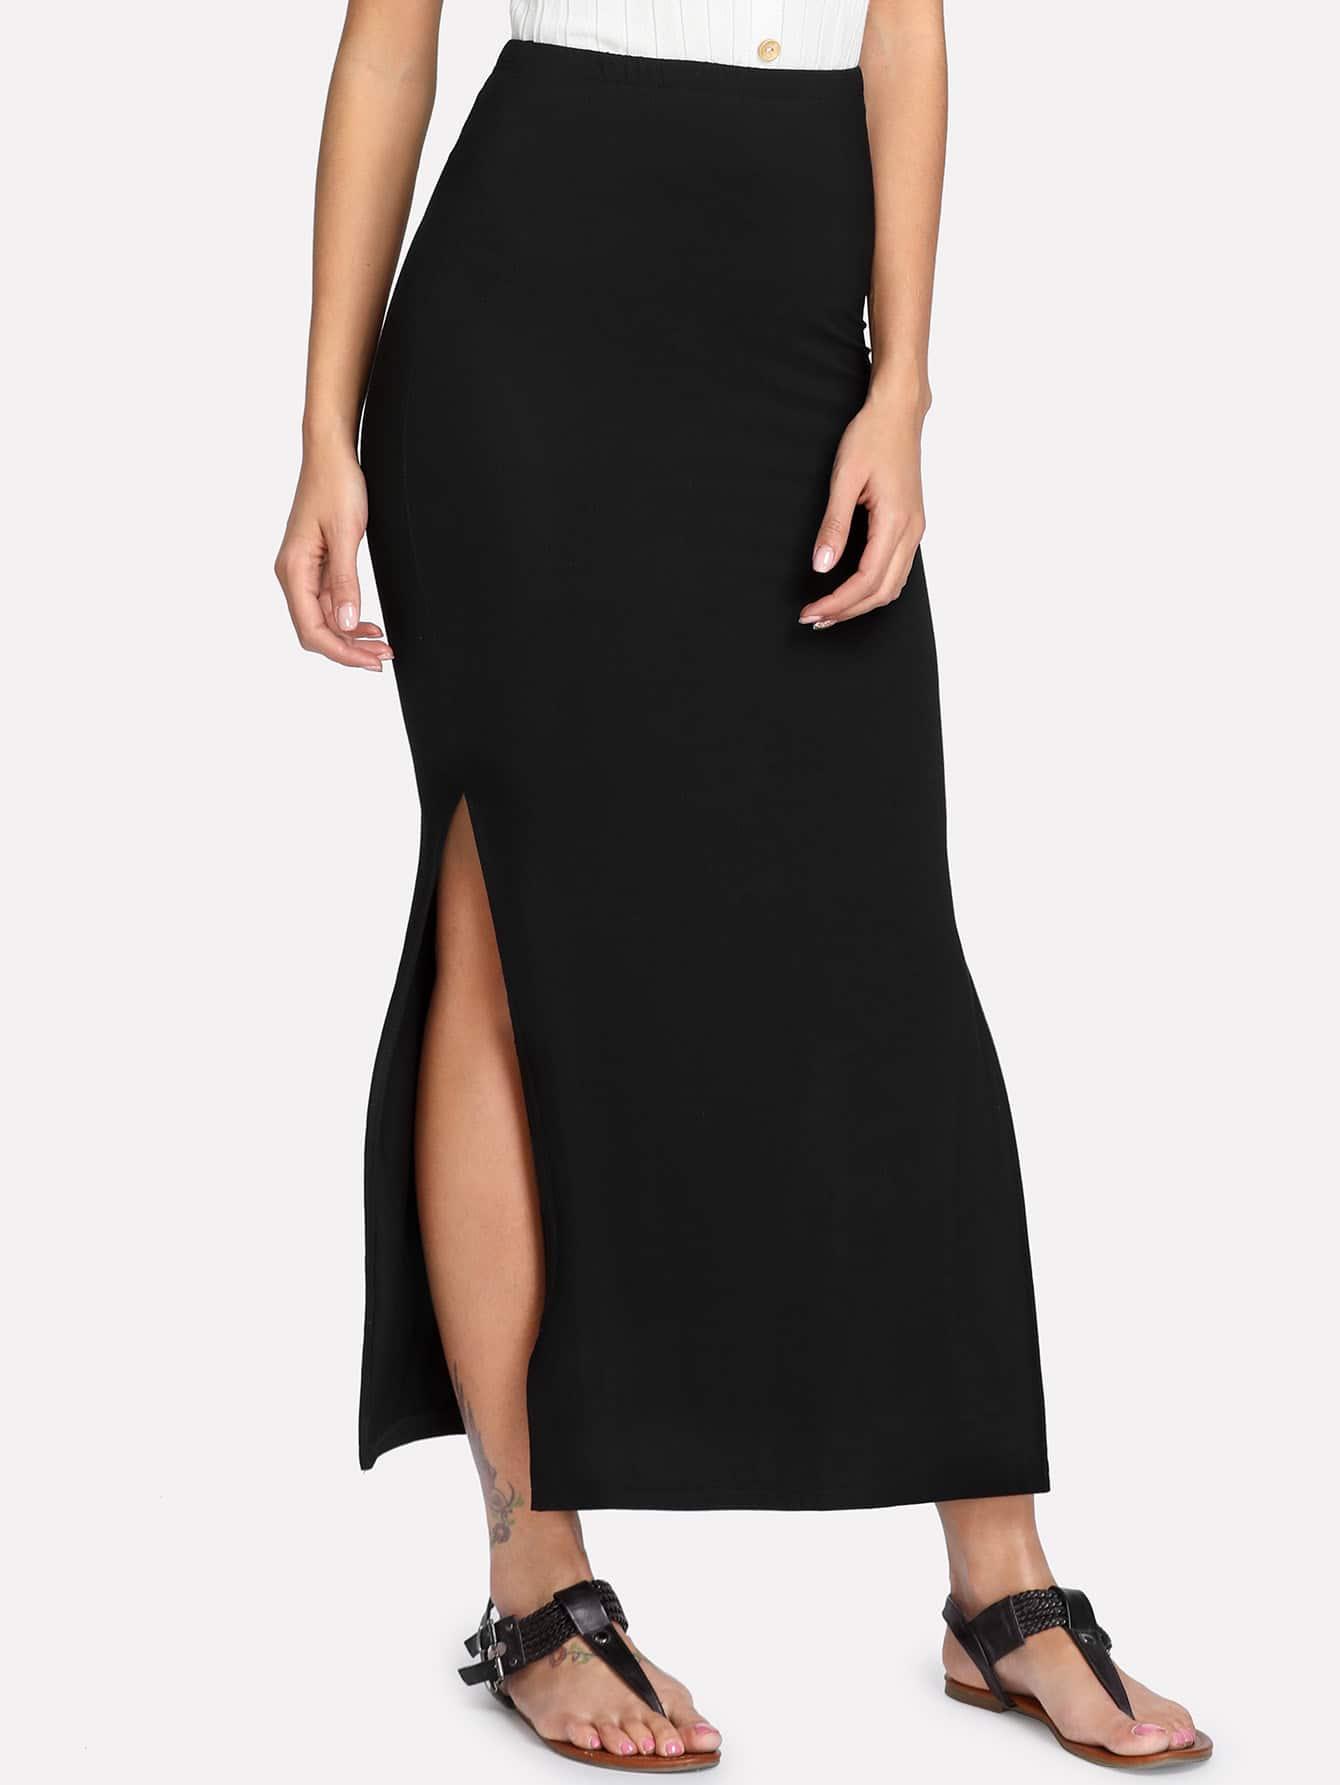 Купить Модная юбка с вырезом, Giulia, SheIn